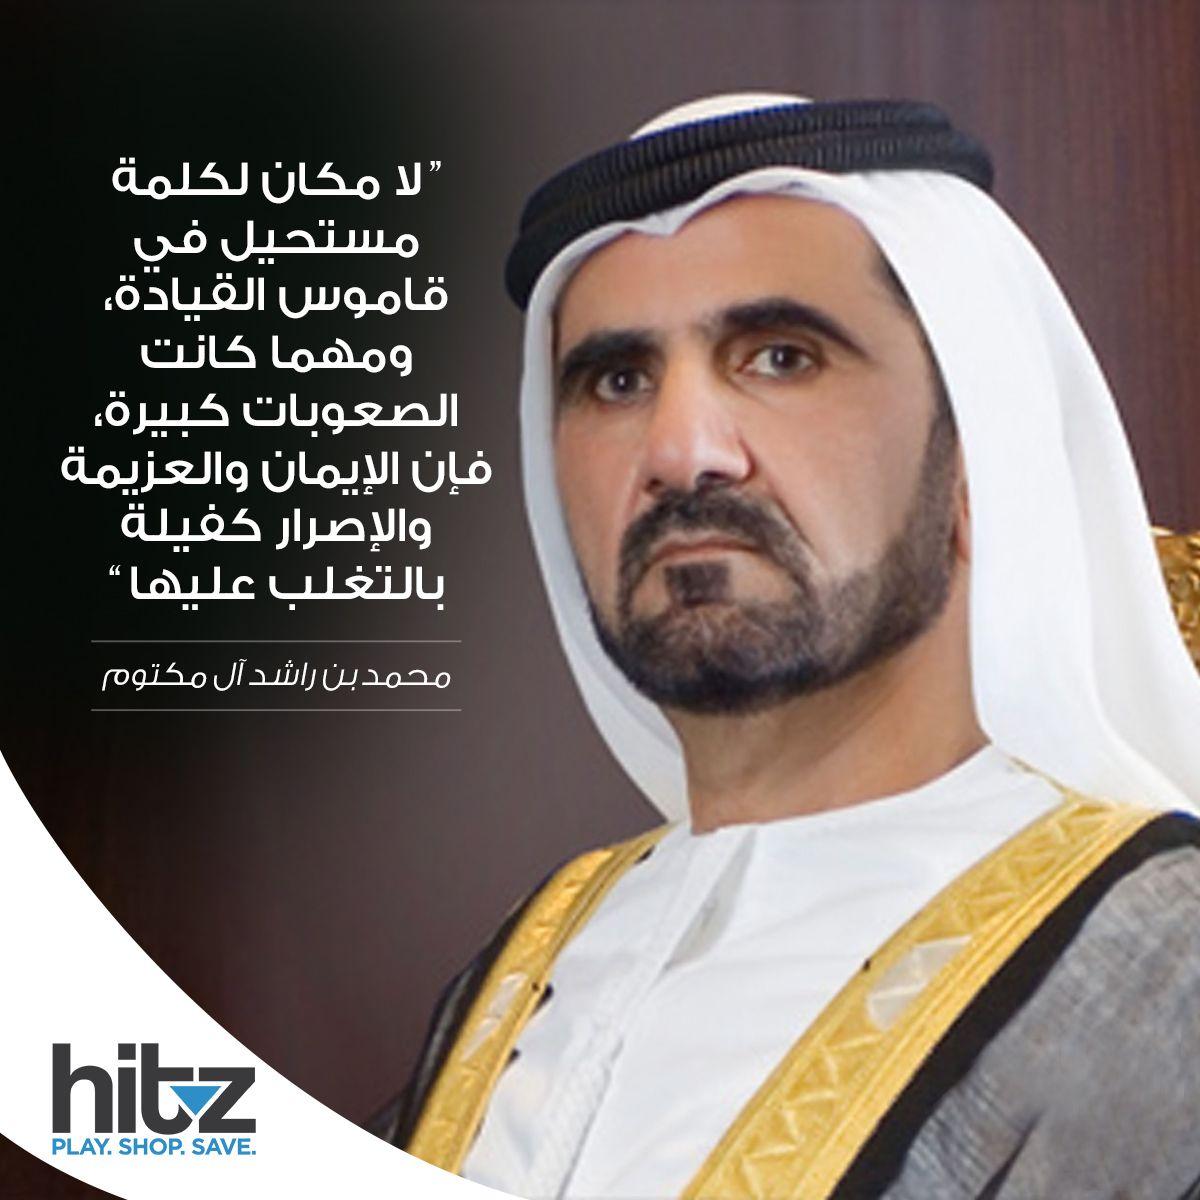 من أقوال الشيخ محمد بن راشد ال مكتوم حفظه الله هيتز أرابيا الإمارات دبي Character Royal Family Fictional Characters